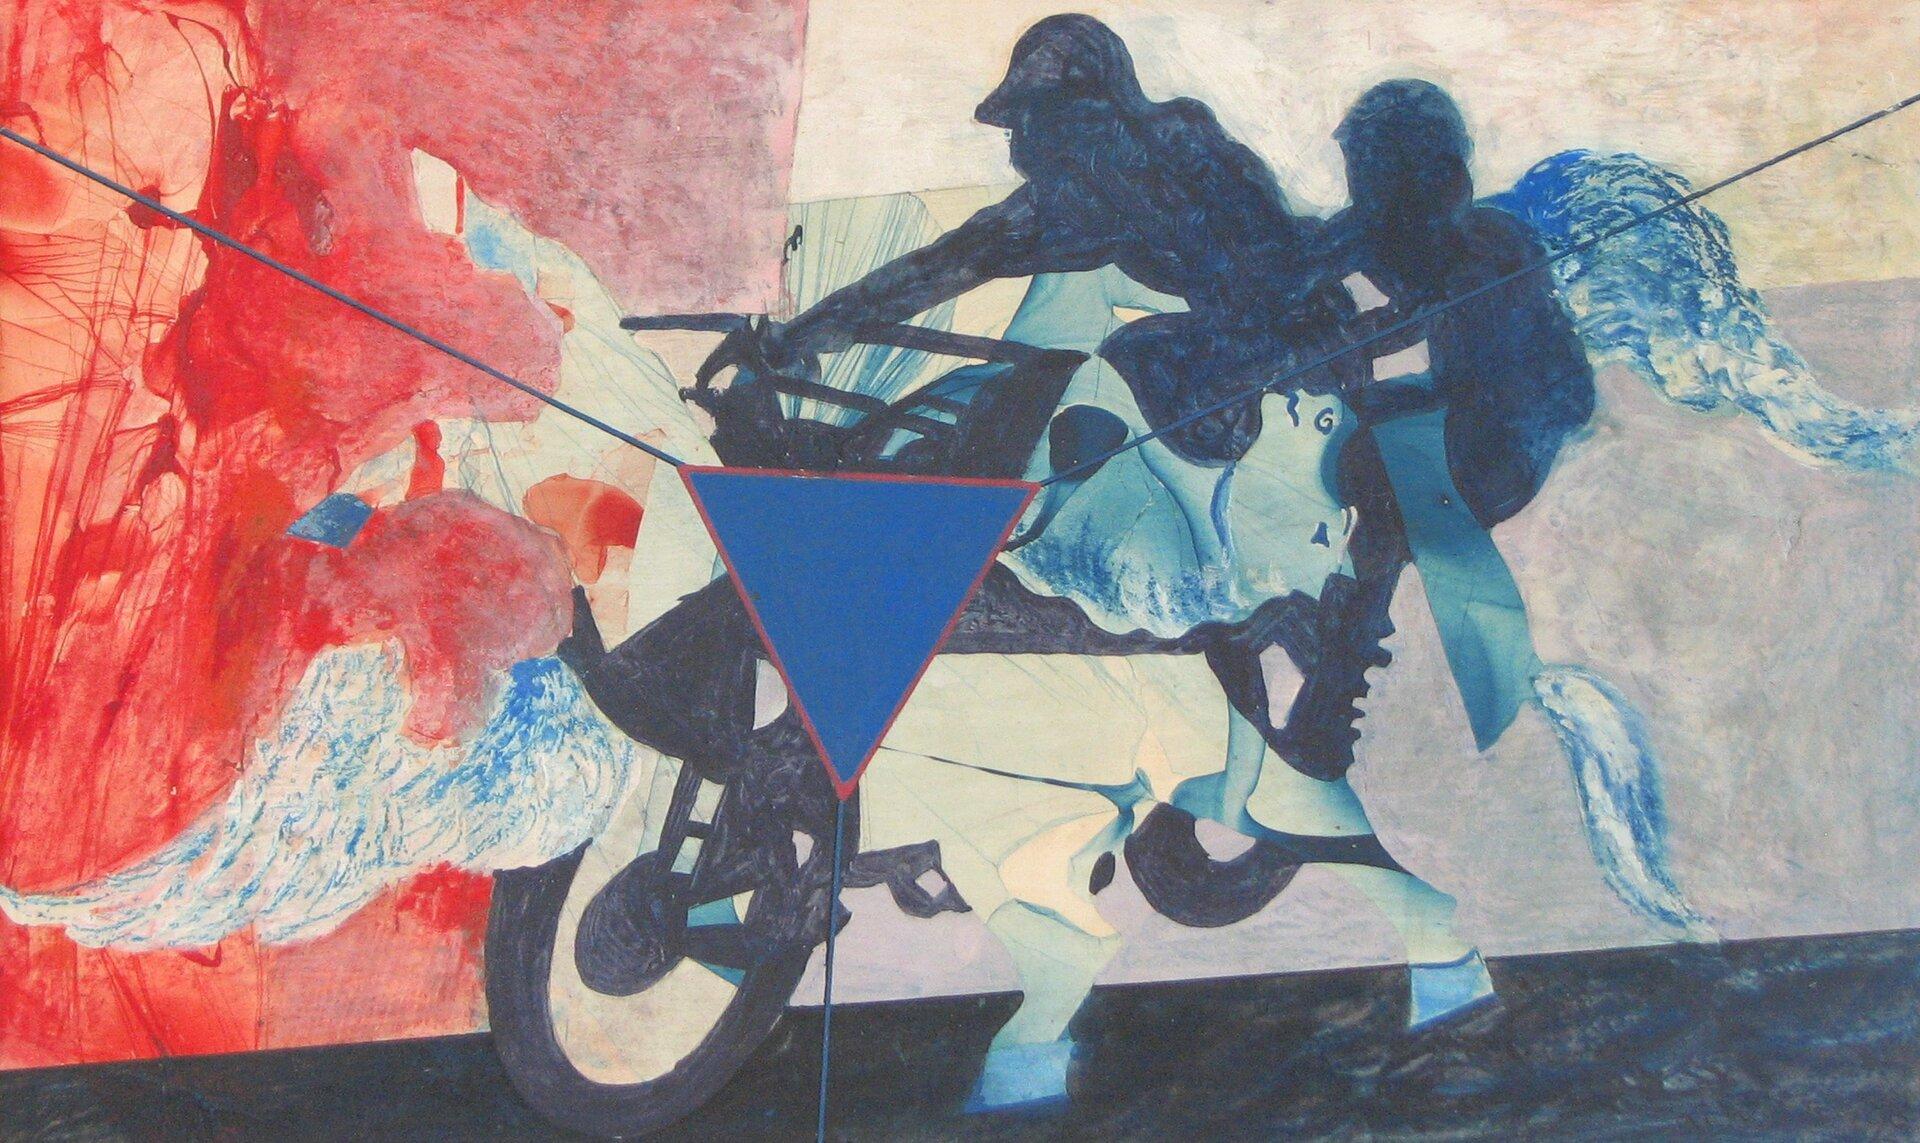 """Ilustracja przedstawia obraz """"Pirat"""" autorstwa Lecha Wolskiego. Dzieło ukazuje dynamiczną kompozycję, przedstawiającą dwie jadąca na motorze postaci. Postacie namalowane są sylwetowo, stanowią ciemną plamę. Zupełnie inaczej potraktowany jest motor – zjego sylwetki wyłaniają się organiczne elementy wpostaci głowy konia, kopyt, skrzydeł. Ukazują się one bezwładnie zróżnych części pojazdu. Tło kompozycji potraktowane jest syntetycznie. Dół stanowi ciemna, płasko namalowana, skośna droga. Drugi plan za postaciami podzielony jest na czerwoną płaszczyznę po lewej stronie obrazu ijasno-szarą płaszczyznę po prawej. Tło malowane jest szybko, przecierkowo. Wcentrum obrazu, na pierwszym planie umieszczony jest niebieski trójkąt zczerwonym konturem. Zkażdego rogu trójkąta rysuje się linia wkierunku brzegów obrazu. Kompozycja wykonana jest wchłodnej, niebiesko-szaro-czerwonej tonacji. Dzieło namalowane jest techniką akrylu."""